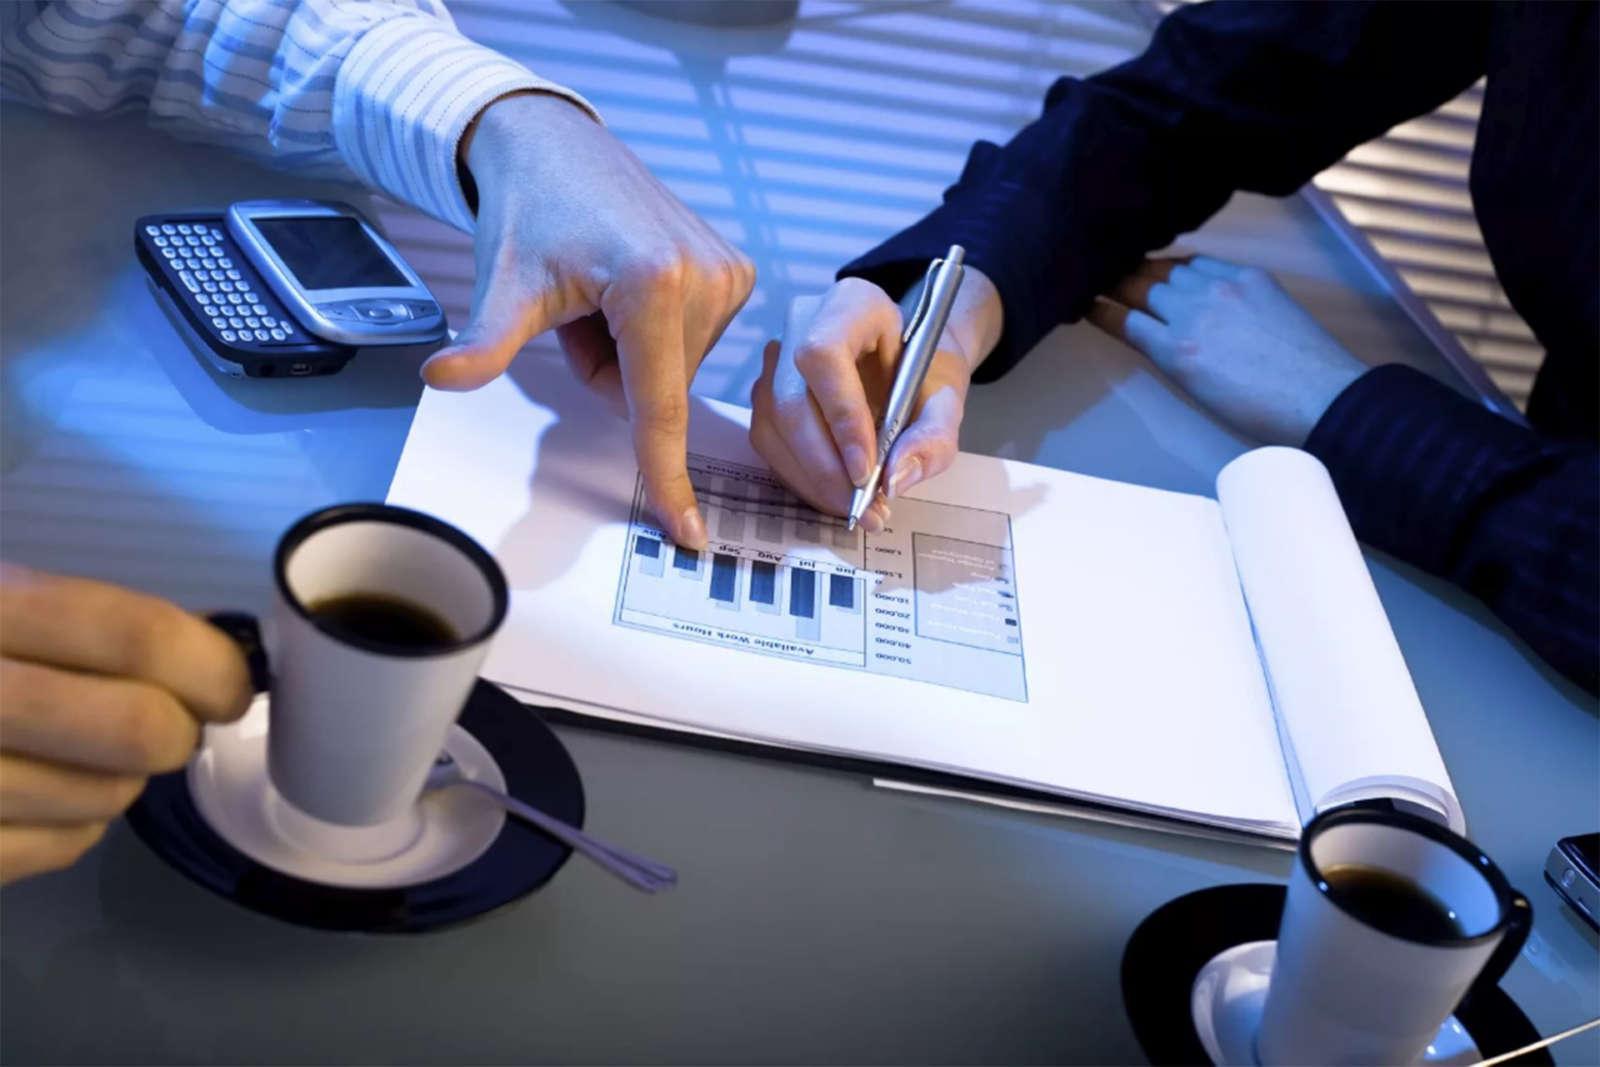 osnovnye-etapy-biznes-plana